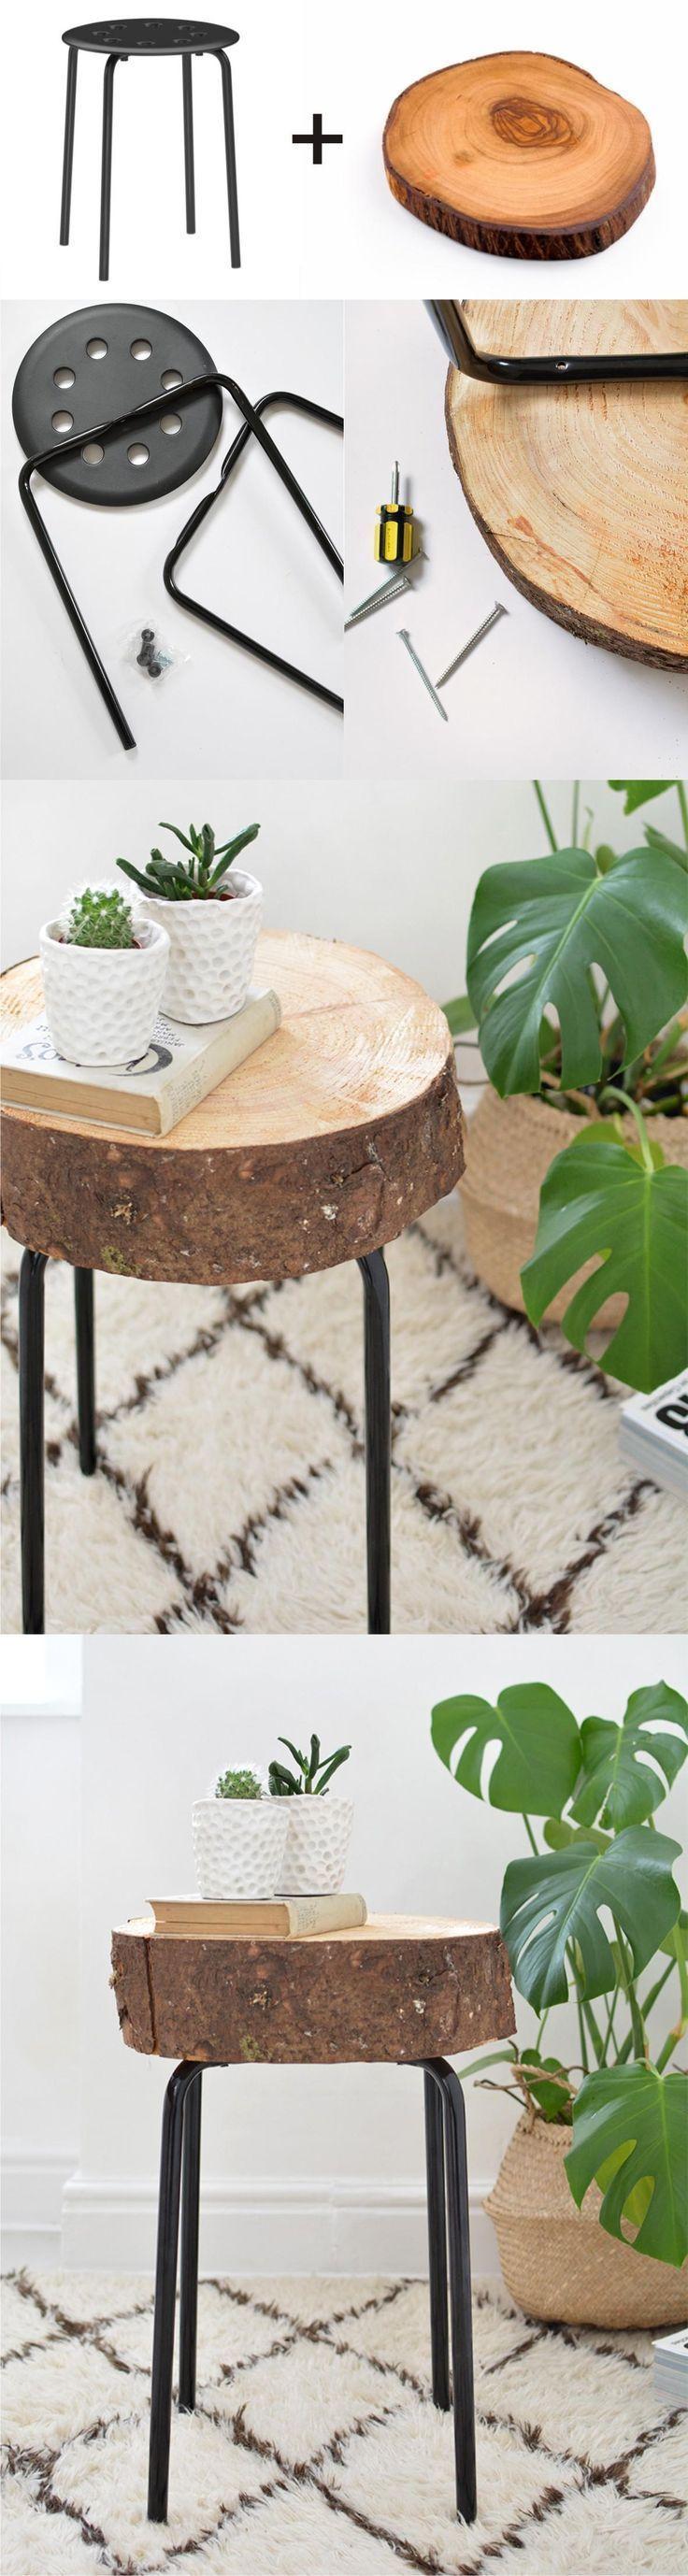 Ikea Hack con taburete y un tronco - http://burkatron.com - Wooden Stool Ikea Hack